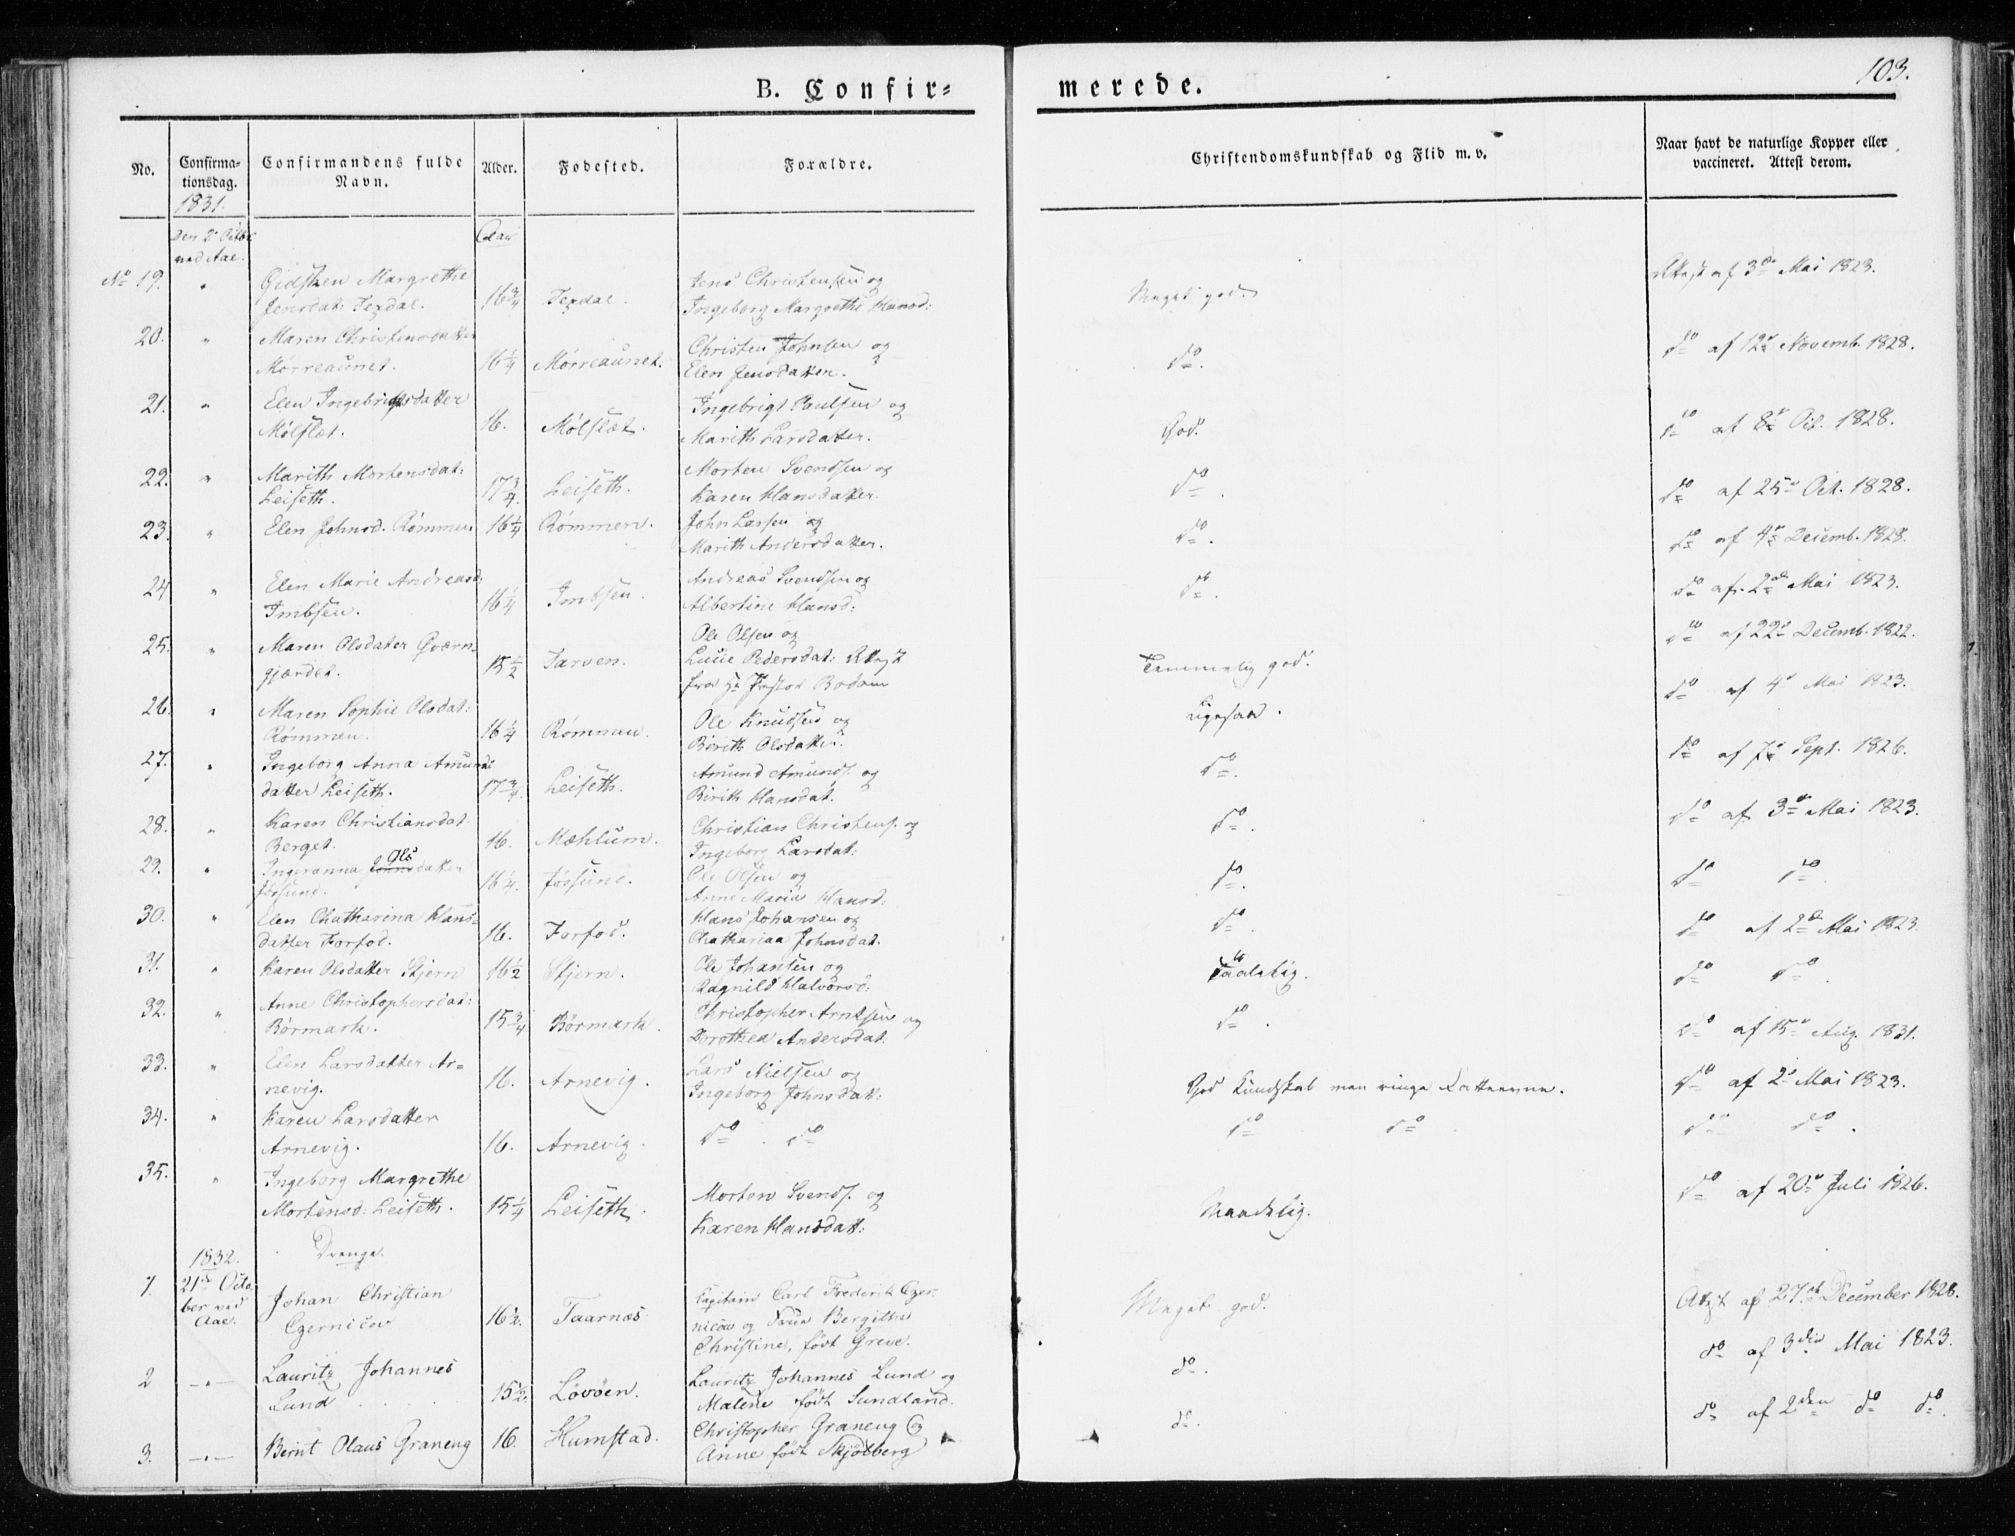 SAT, Ministerialprotokoller, klokkerbøker og fødselsregistre - Sør-Trøndelag, 655/L0676: Ministerialbok nr. 655A05, 1830-1847, s. 103